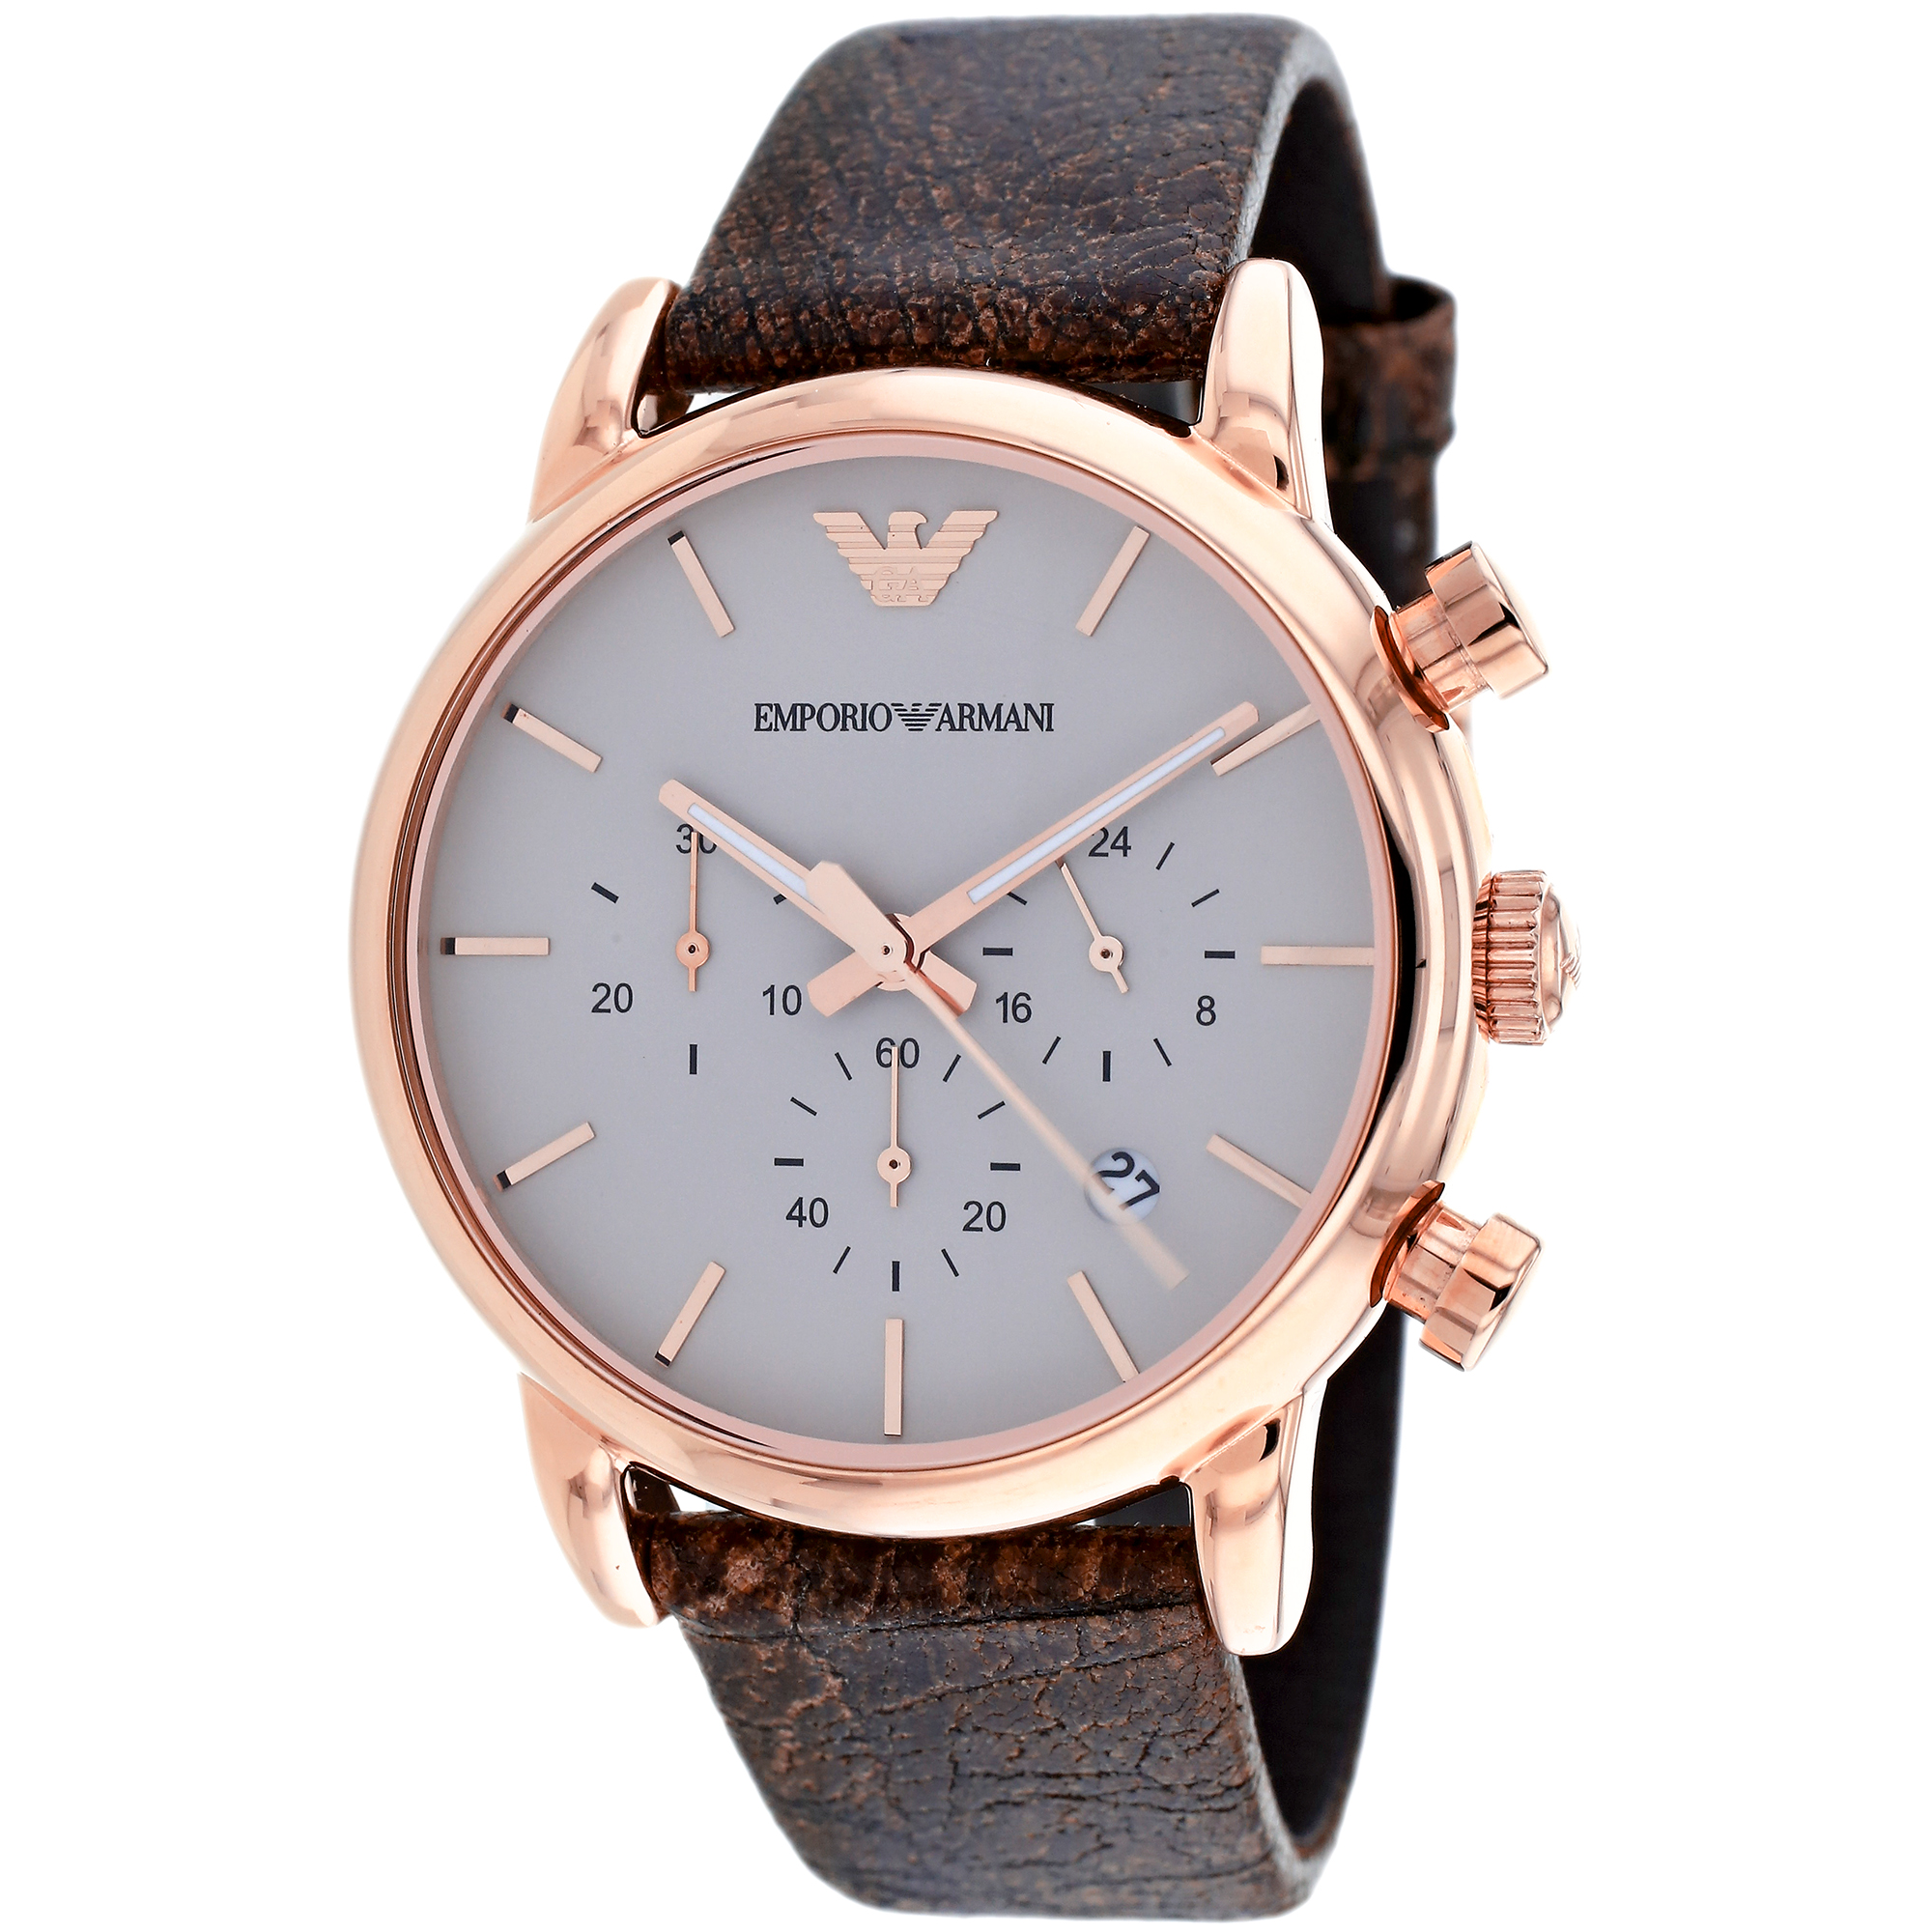 Emporio Armani AR1809 Men's Watch